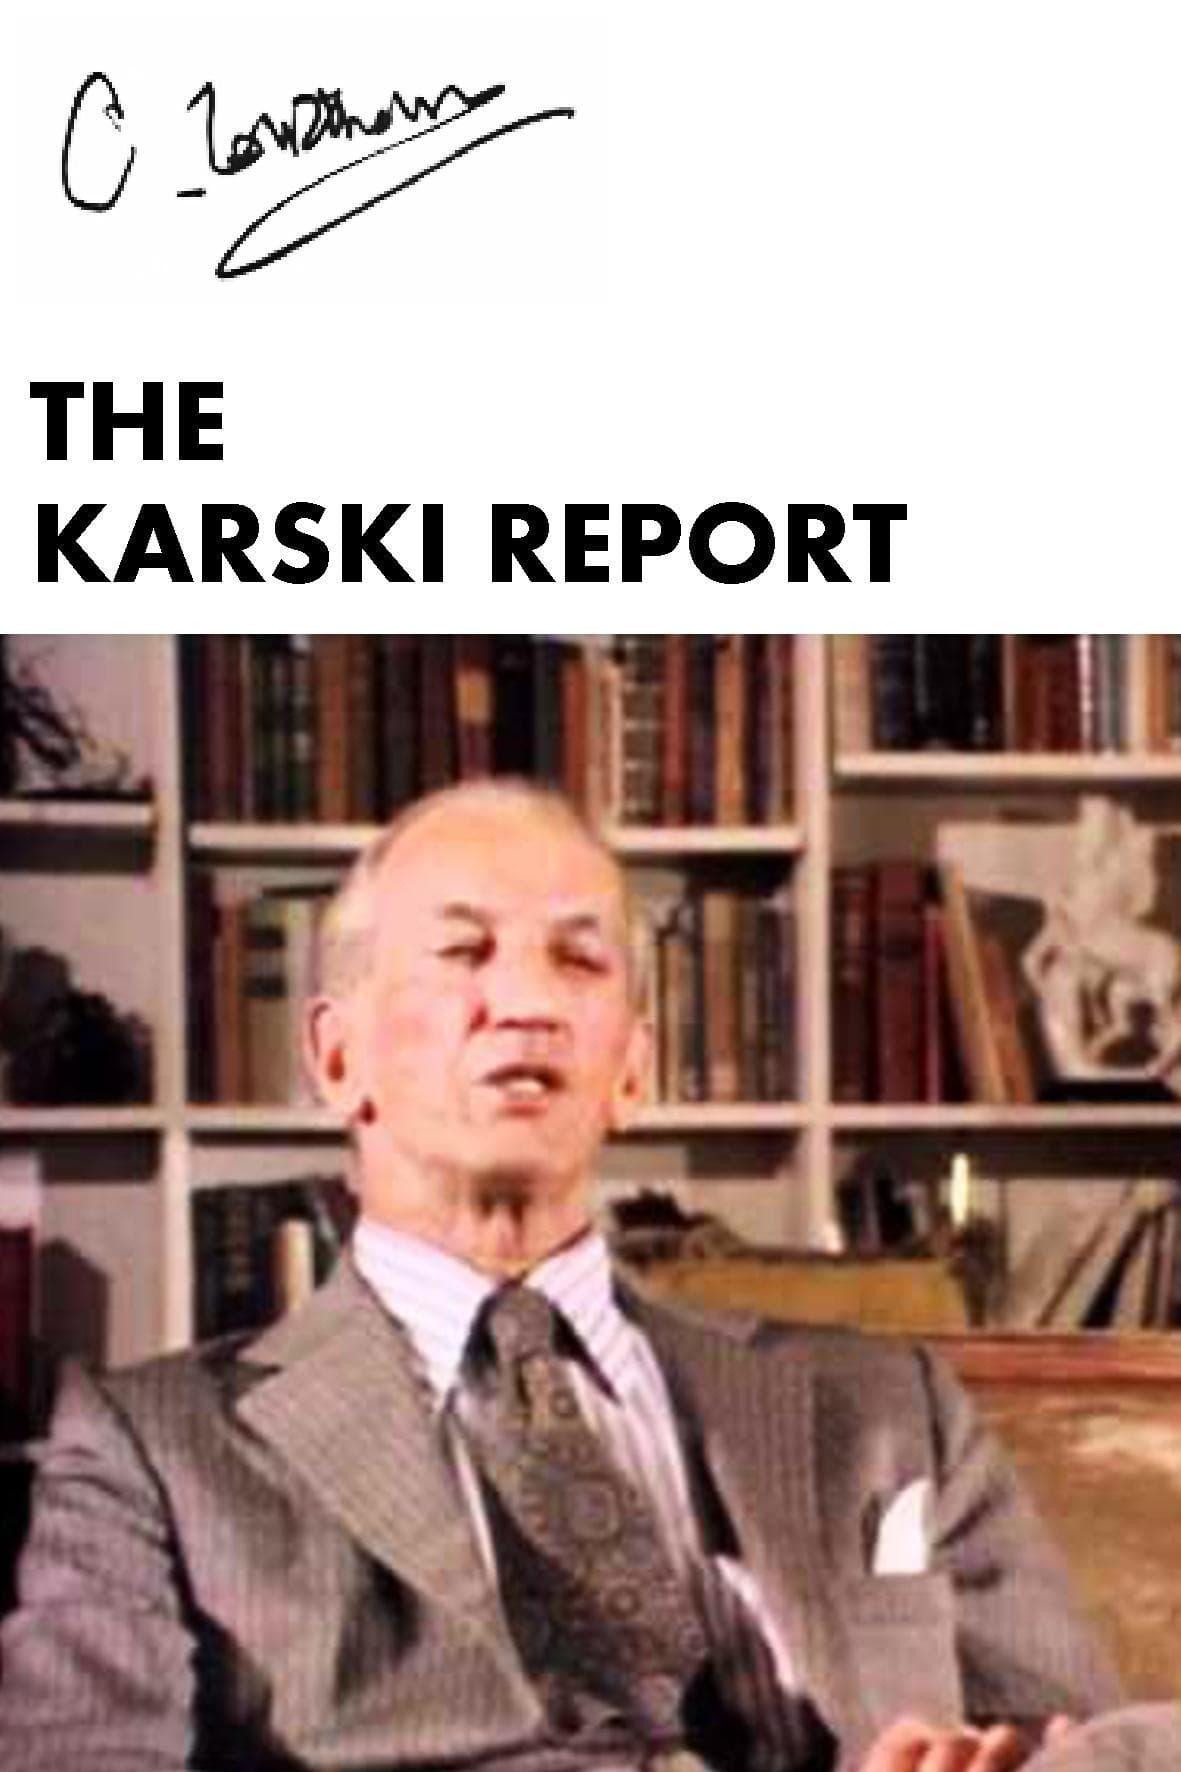 The Karski Report